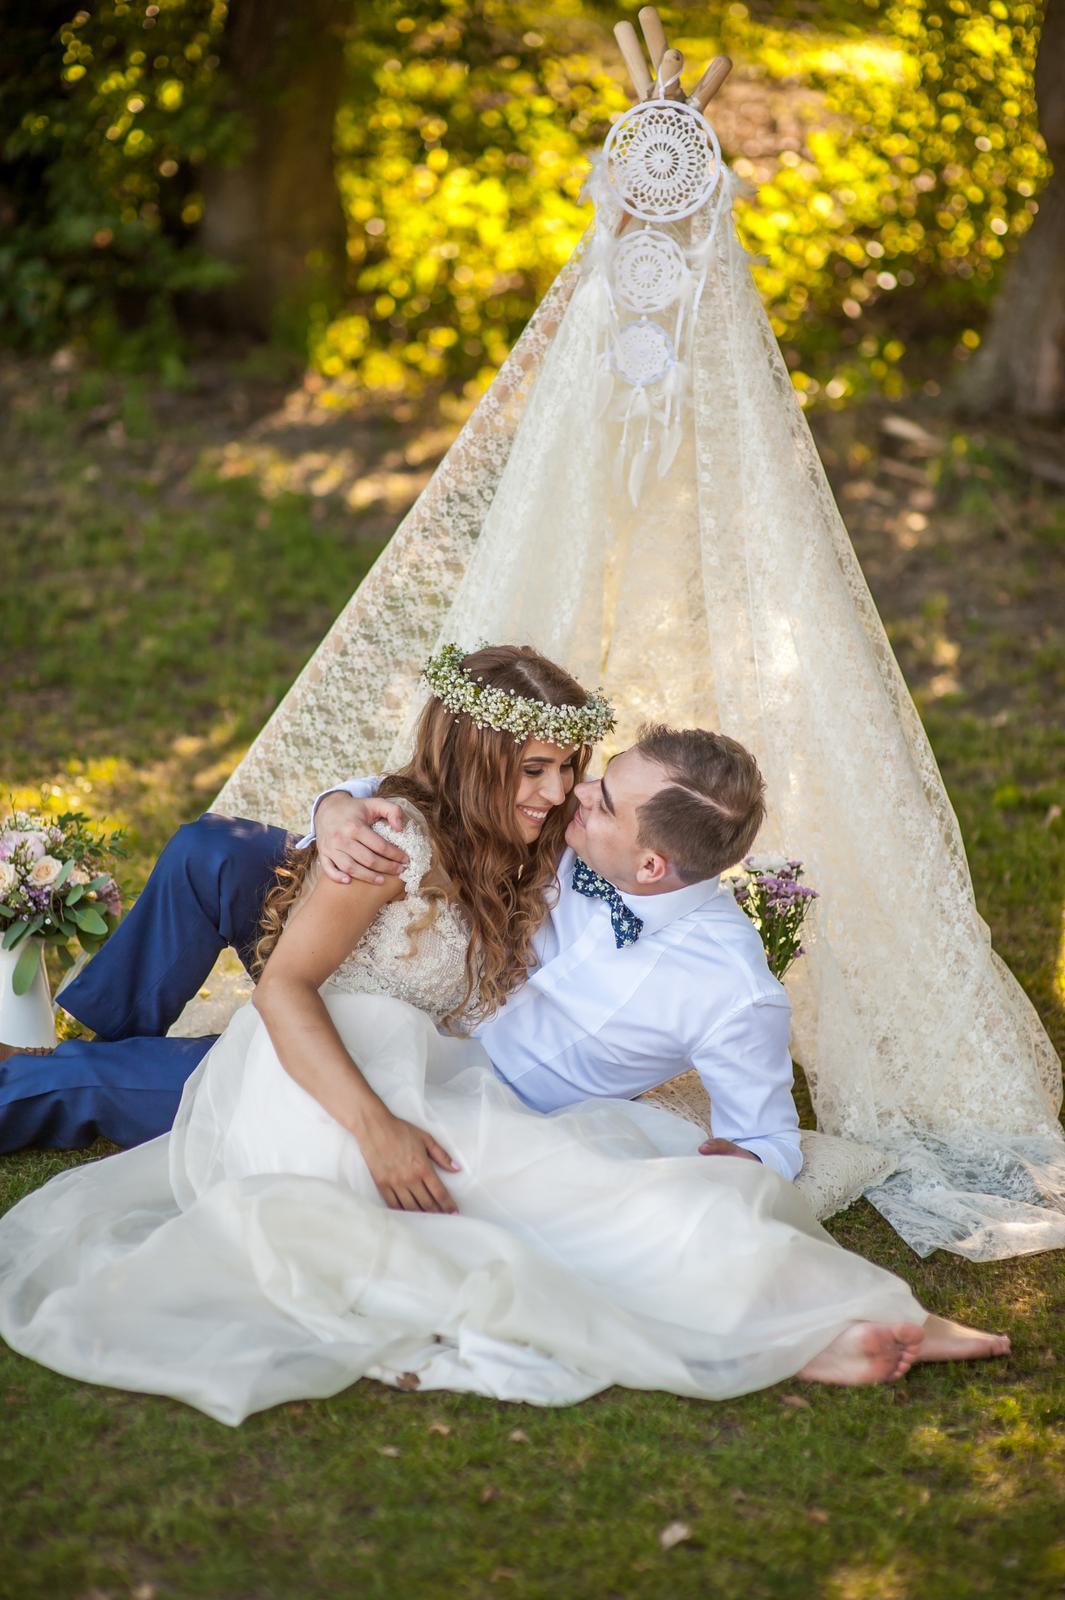 Wedding ♥ - Obrázek č. 76